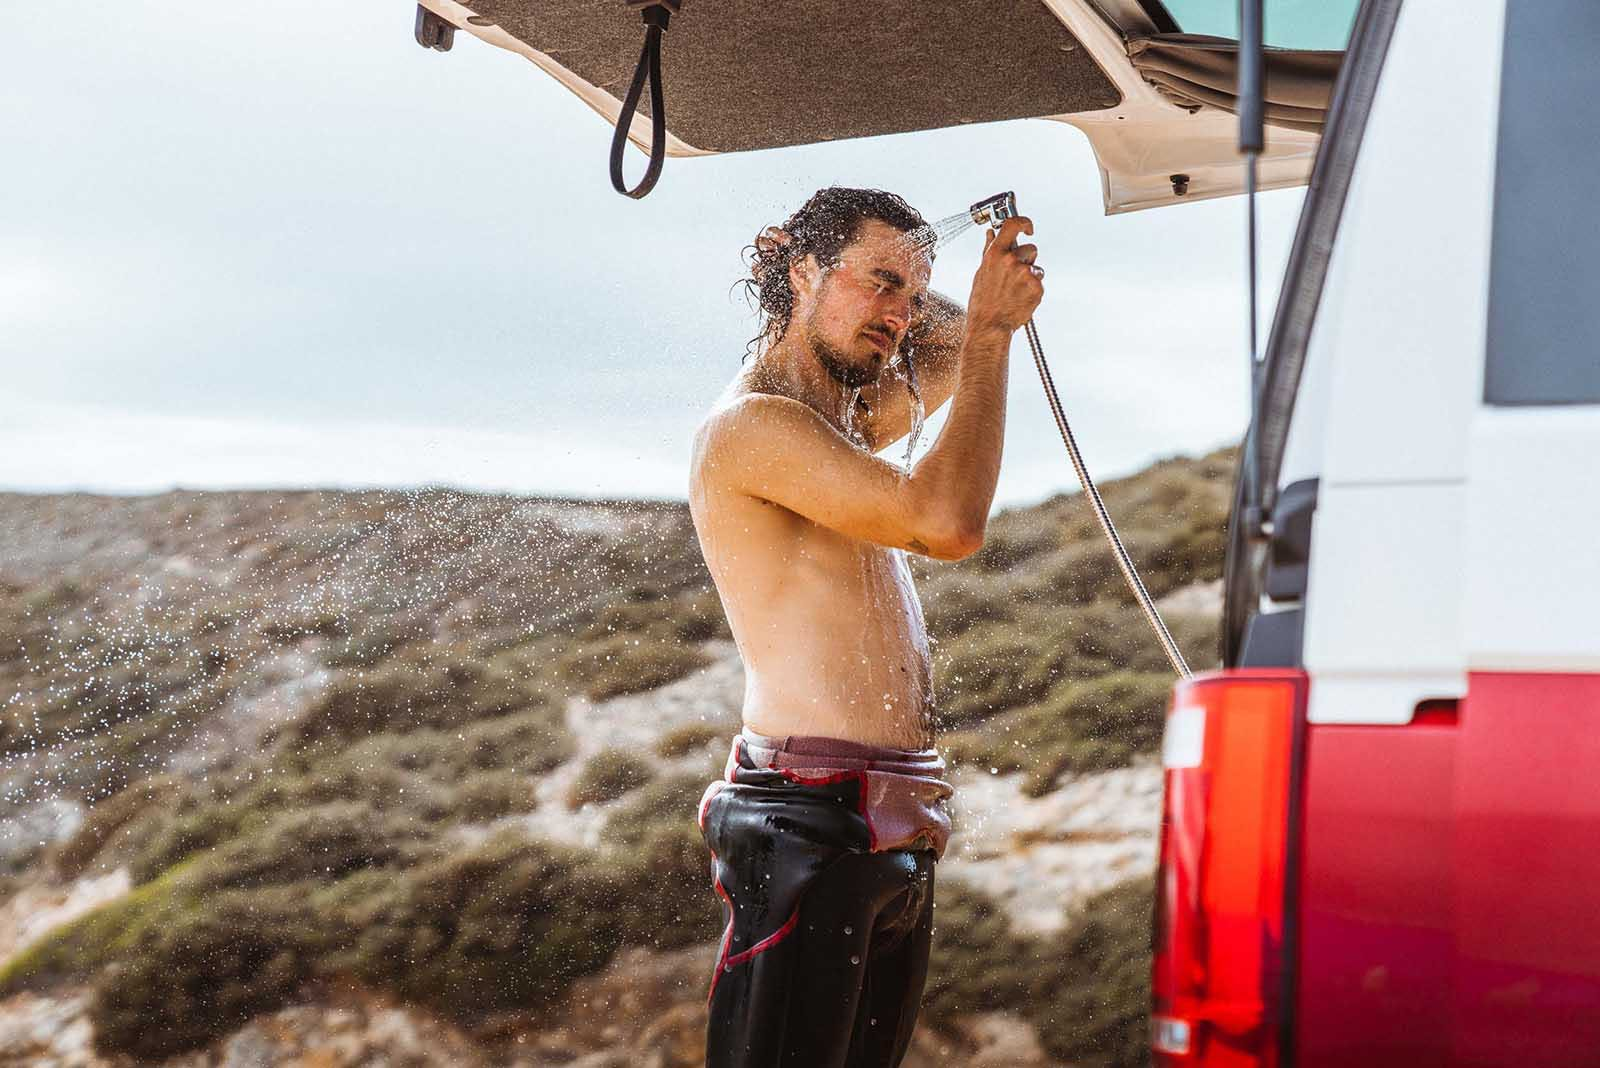 Surfeur utilisant une douche extérieure à l'arrière d'un van de surfeur Siesta Beach au Portugal.